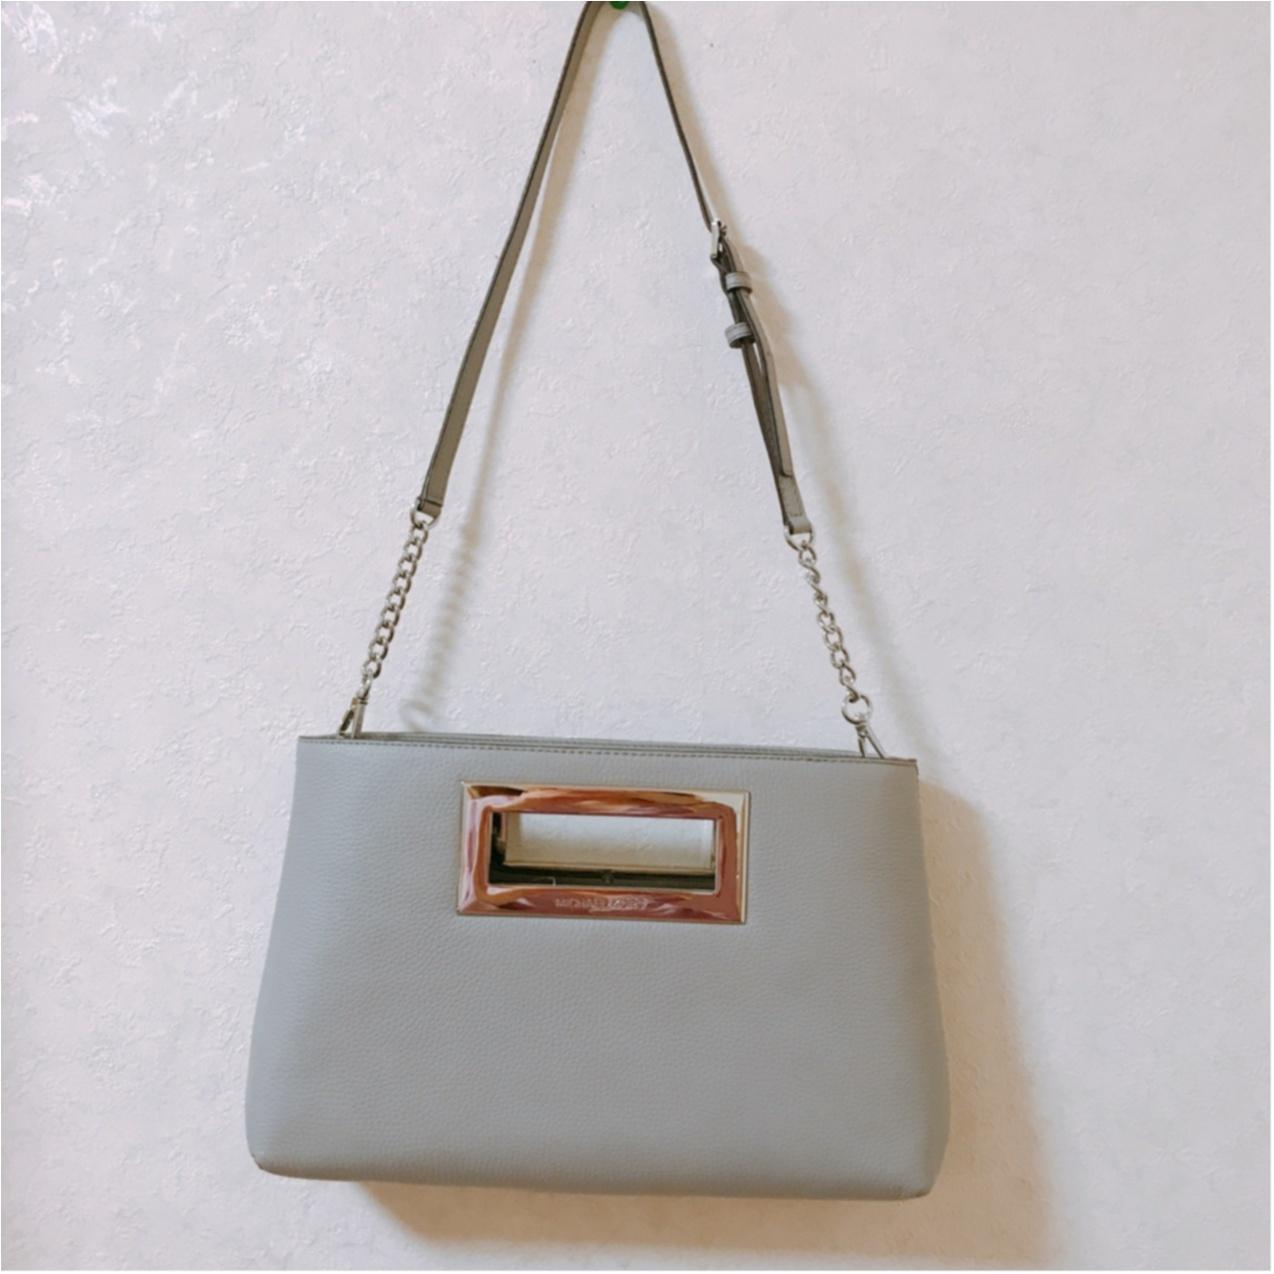 みんなどんなバッグ使ってるの? 憧れブランドもまとめて「愛用バッグ」まとめ♡♡_1_7